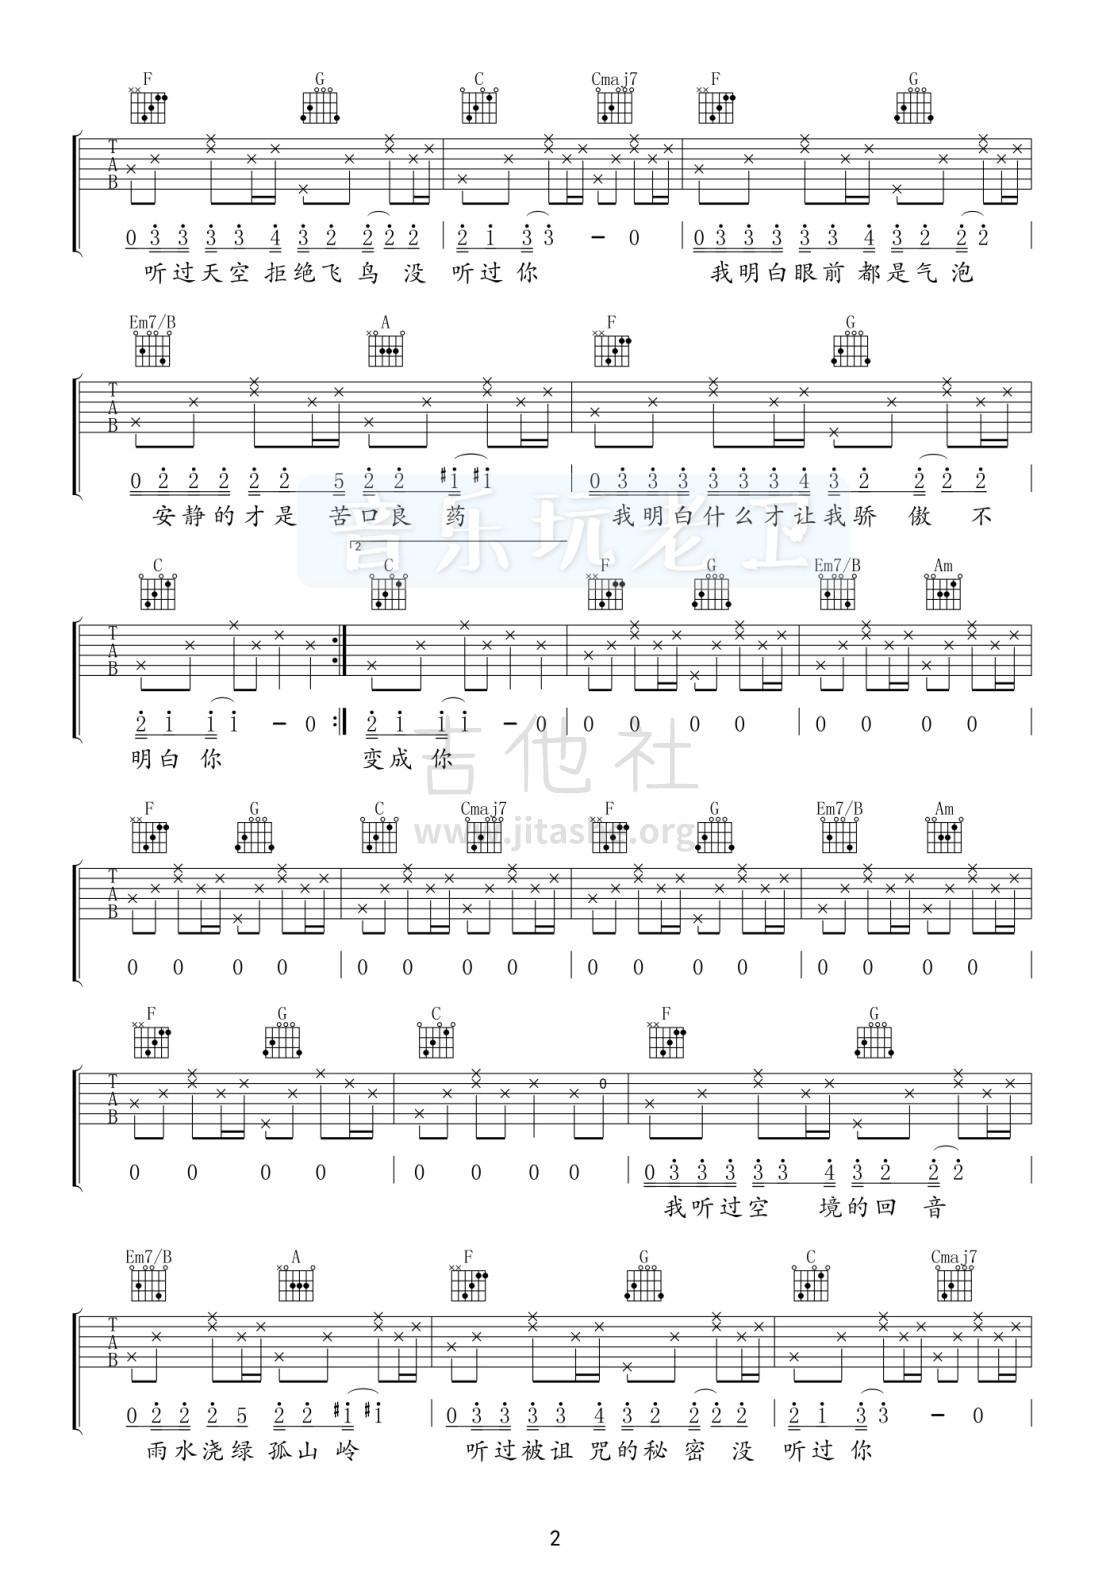 奇妙能力歌吉他谱(图片谱,弹唱,C调,原版)_陈粒_奇妙能力歌2